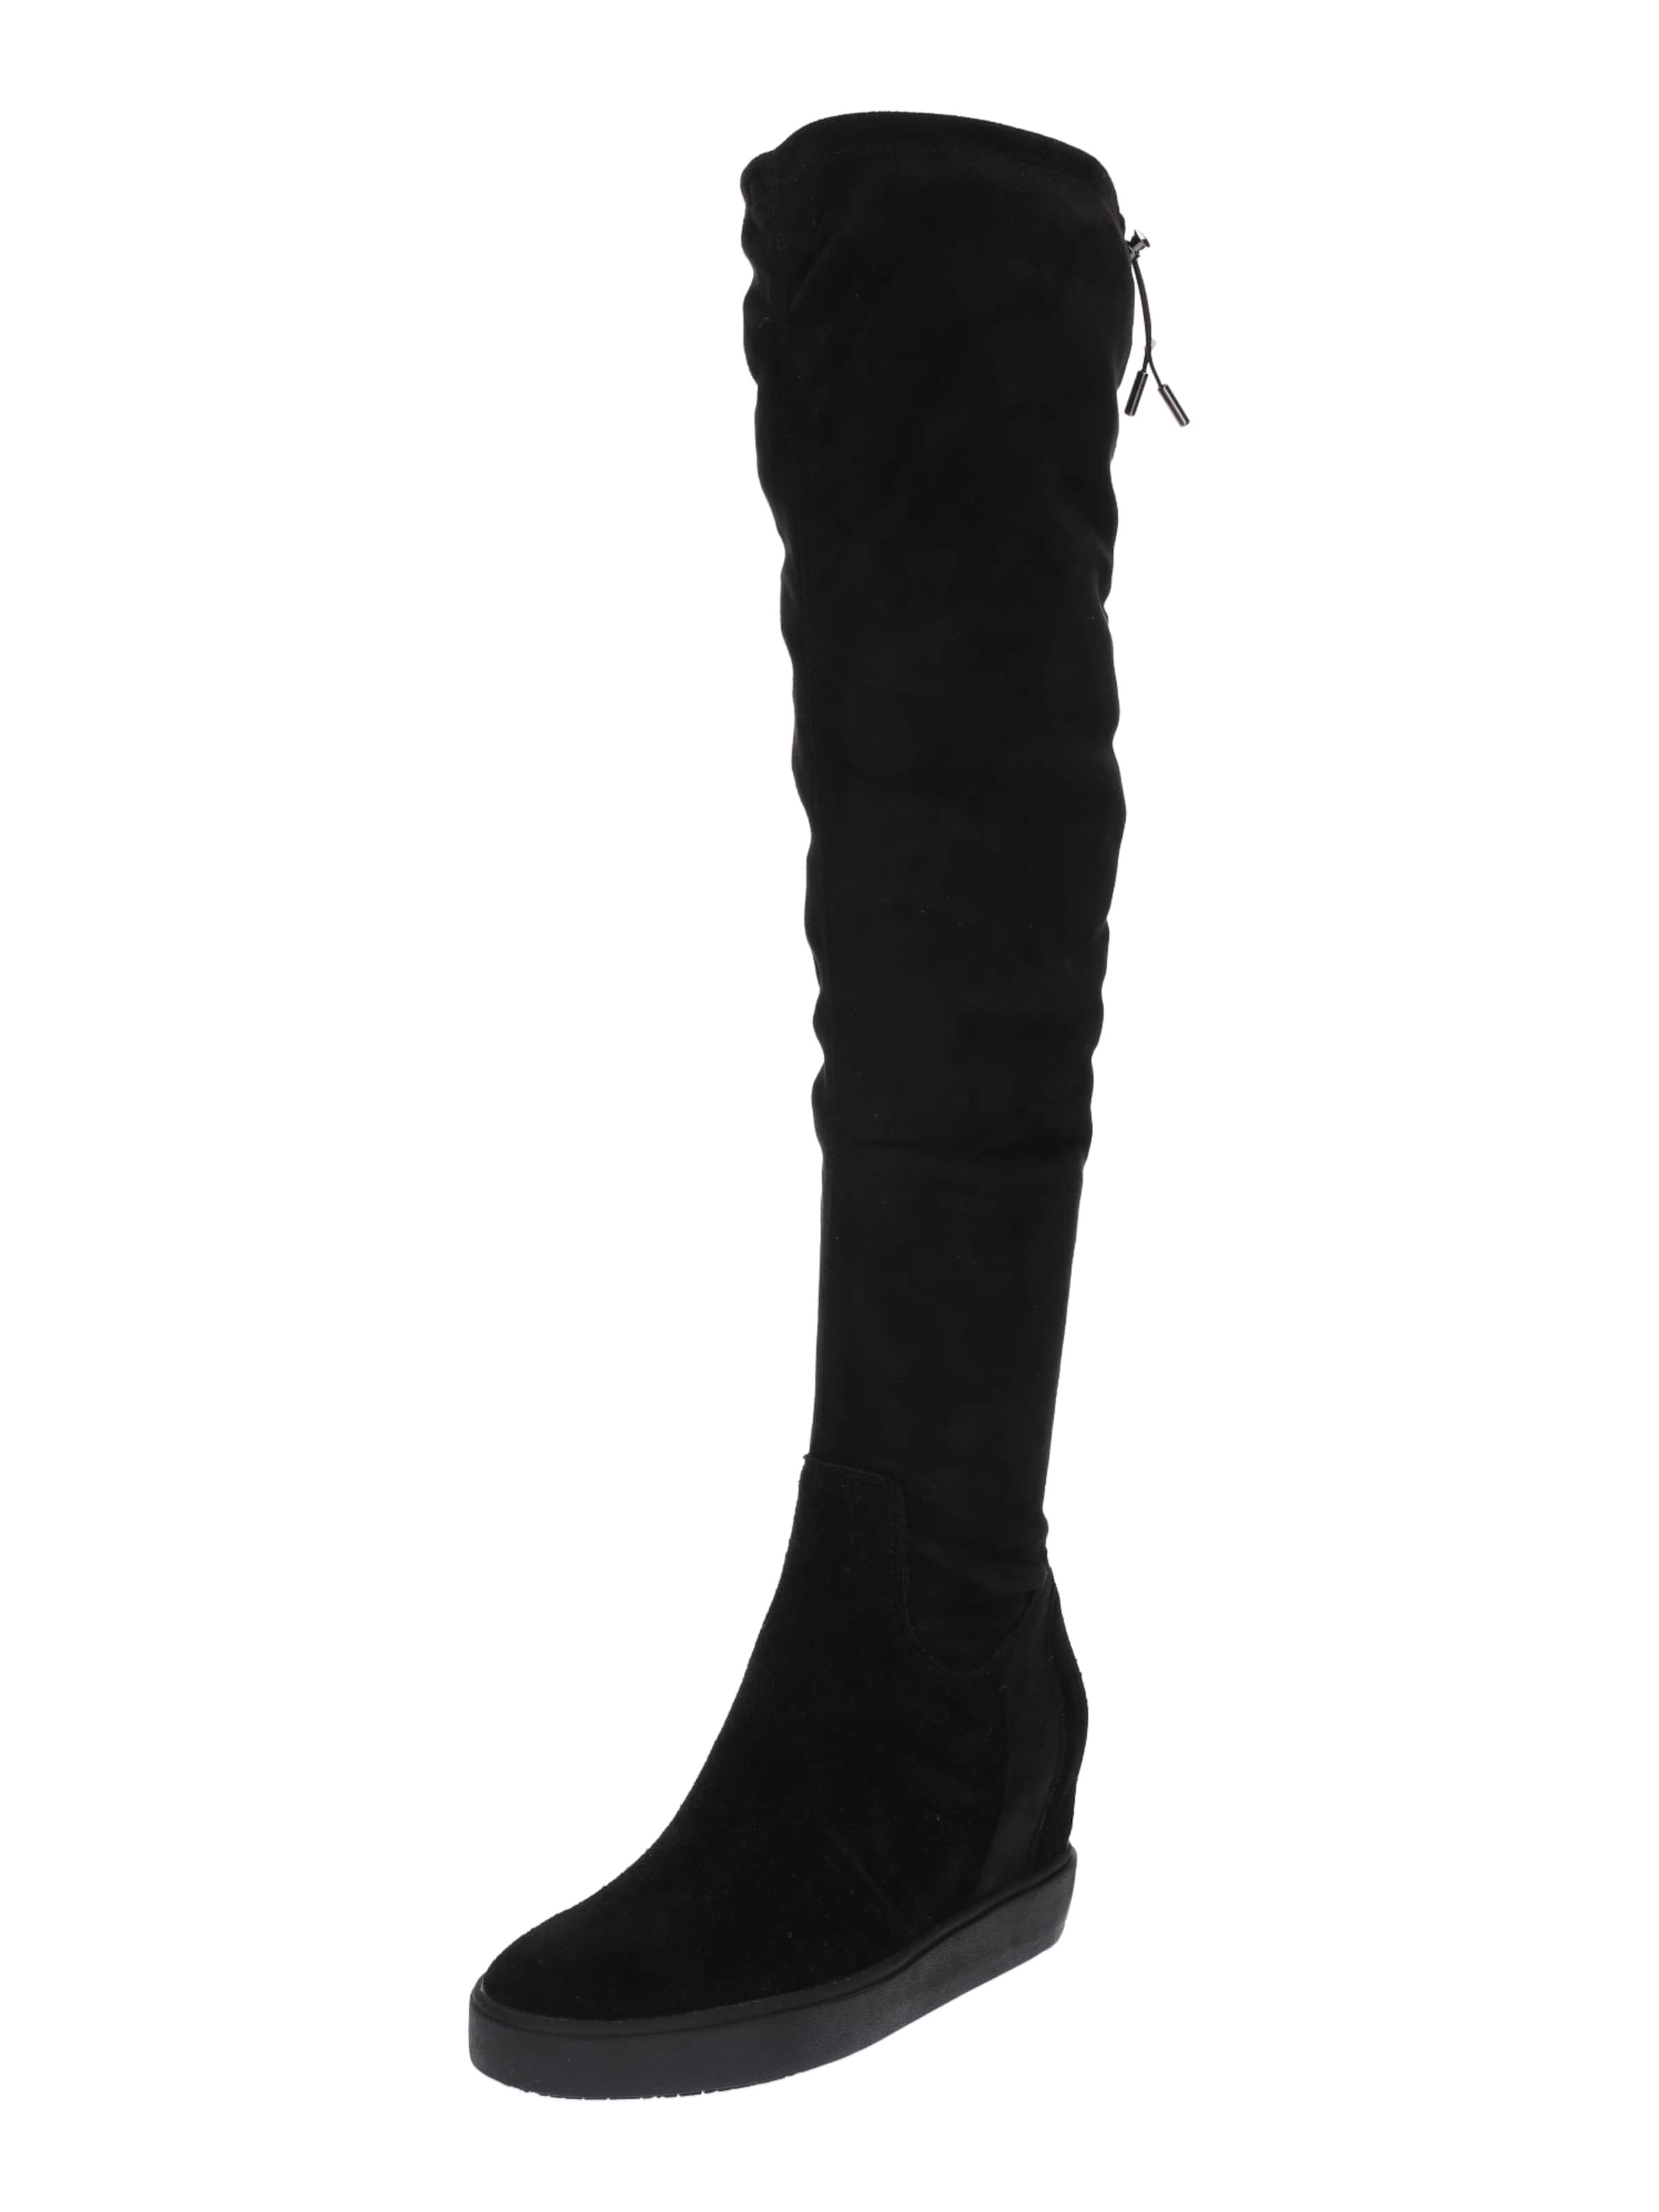 Haltbare Mode billige Gut Schuhe GUESS | Overknee-Wedges 'FELICIA2' Schuhe Gut billige getragene Schuhe fc4149